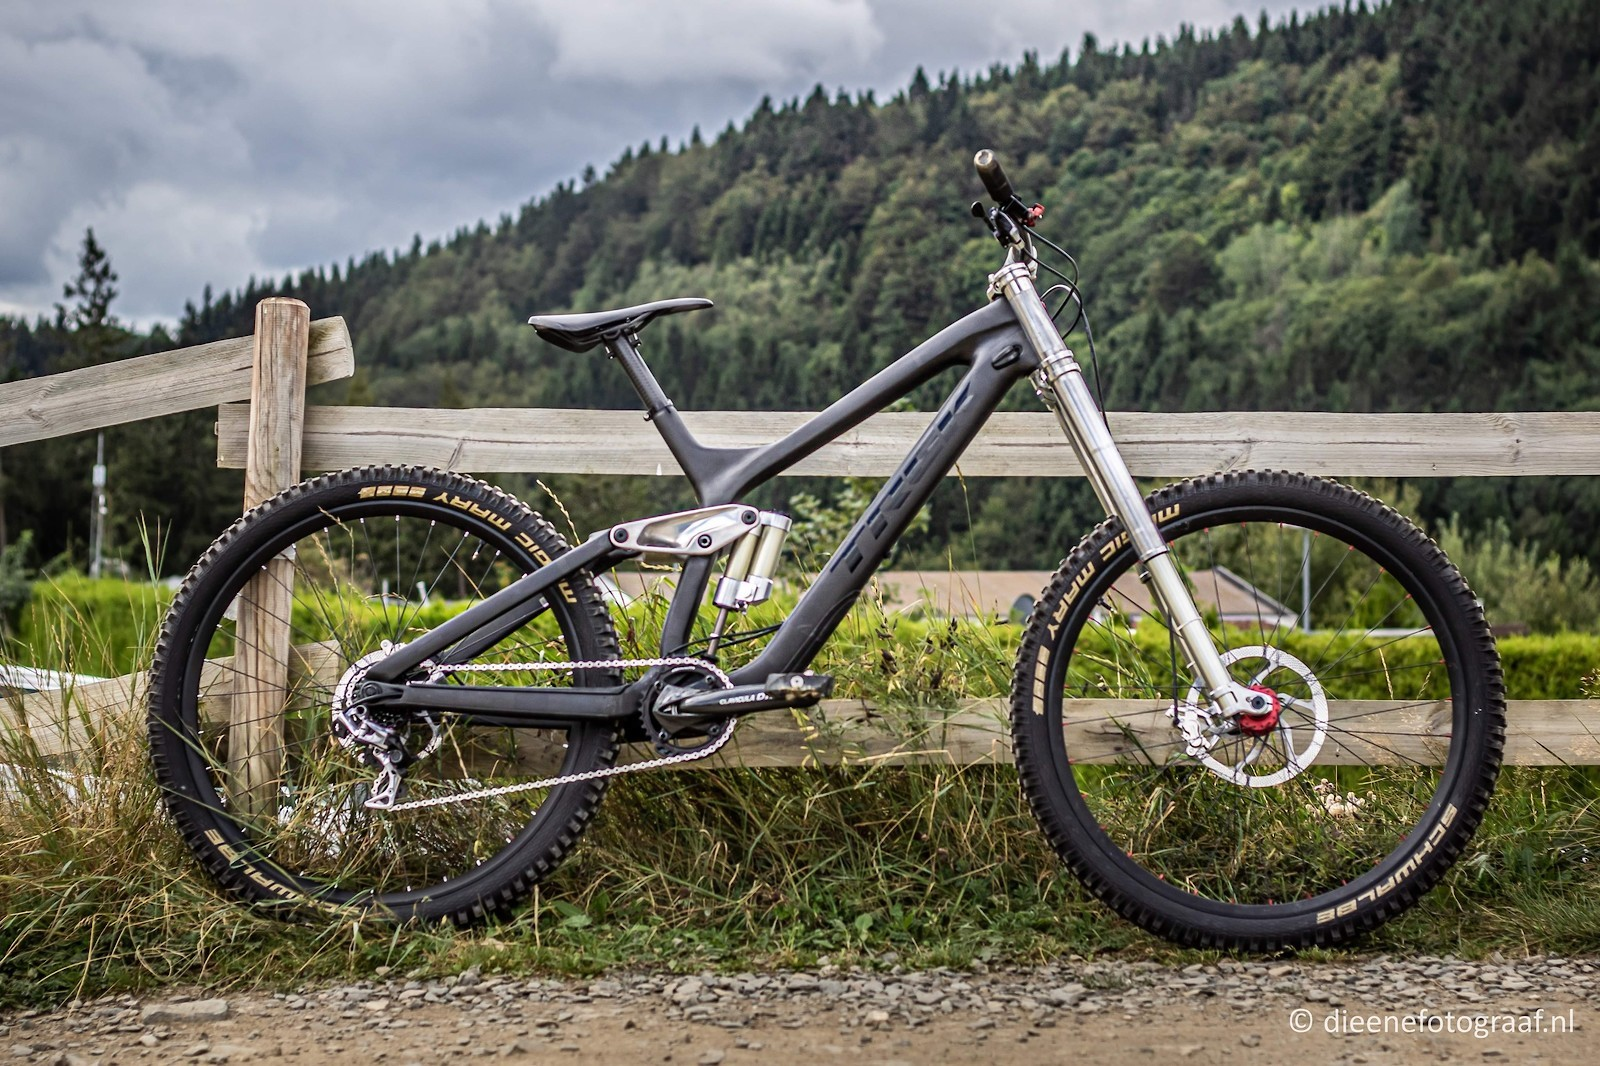 Trek Session 9.9 - Vital Bike of the Day December 2020 - Mountain Biking Pictures - Vital MTB